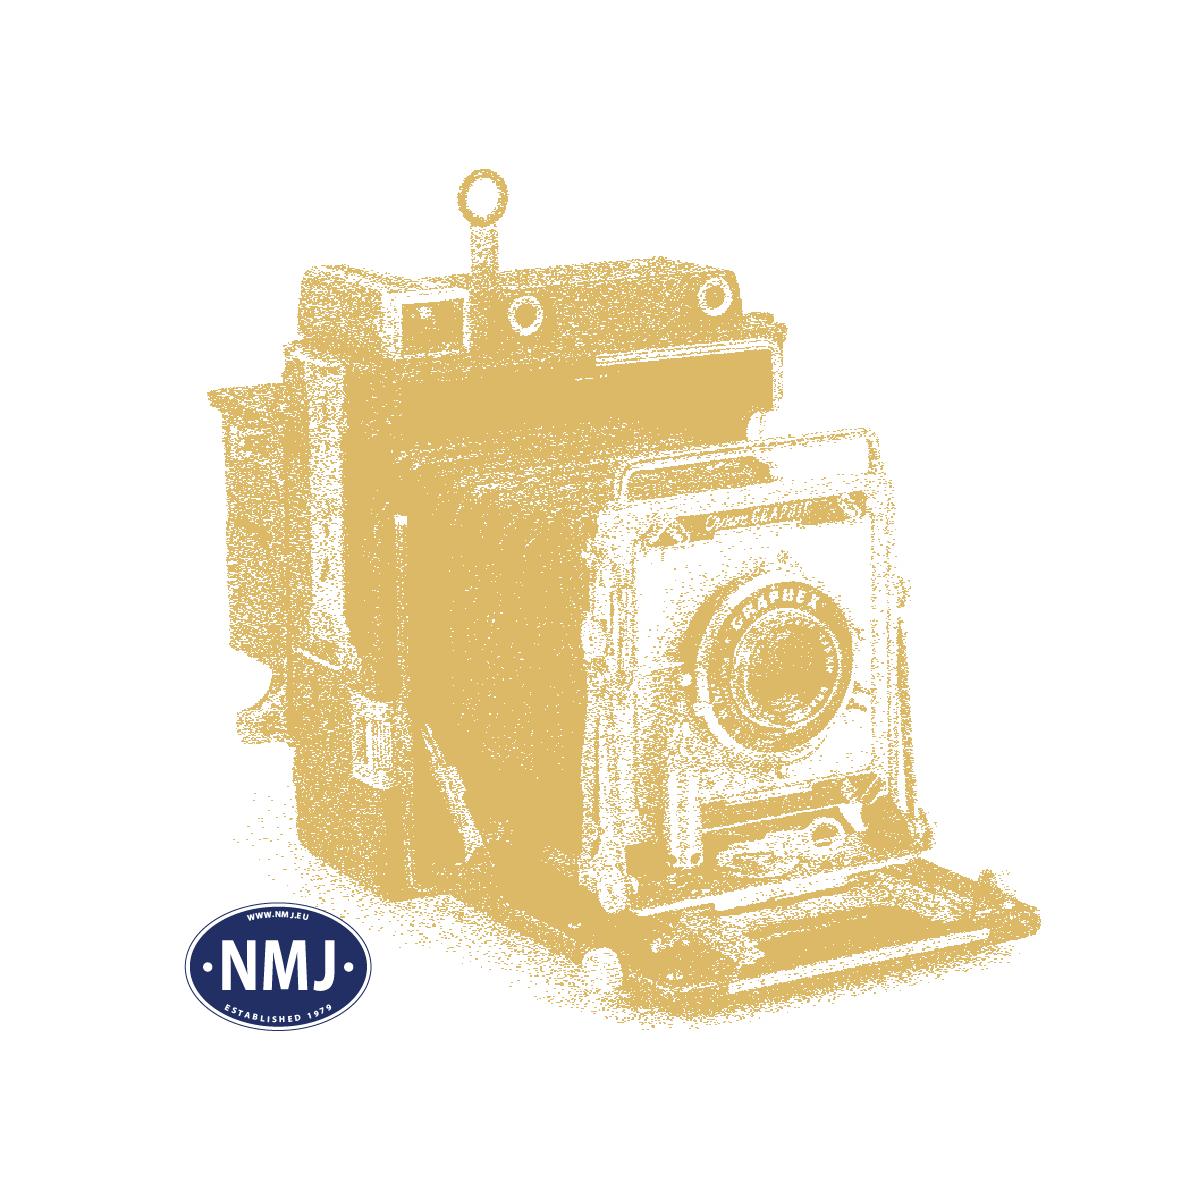 NMJT405.104 - NMJ Topline MAV-Start Couchette Bcmz 61 55 50-91 106-4